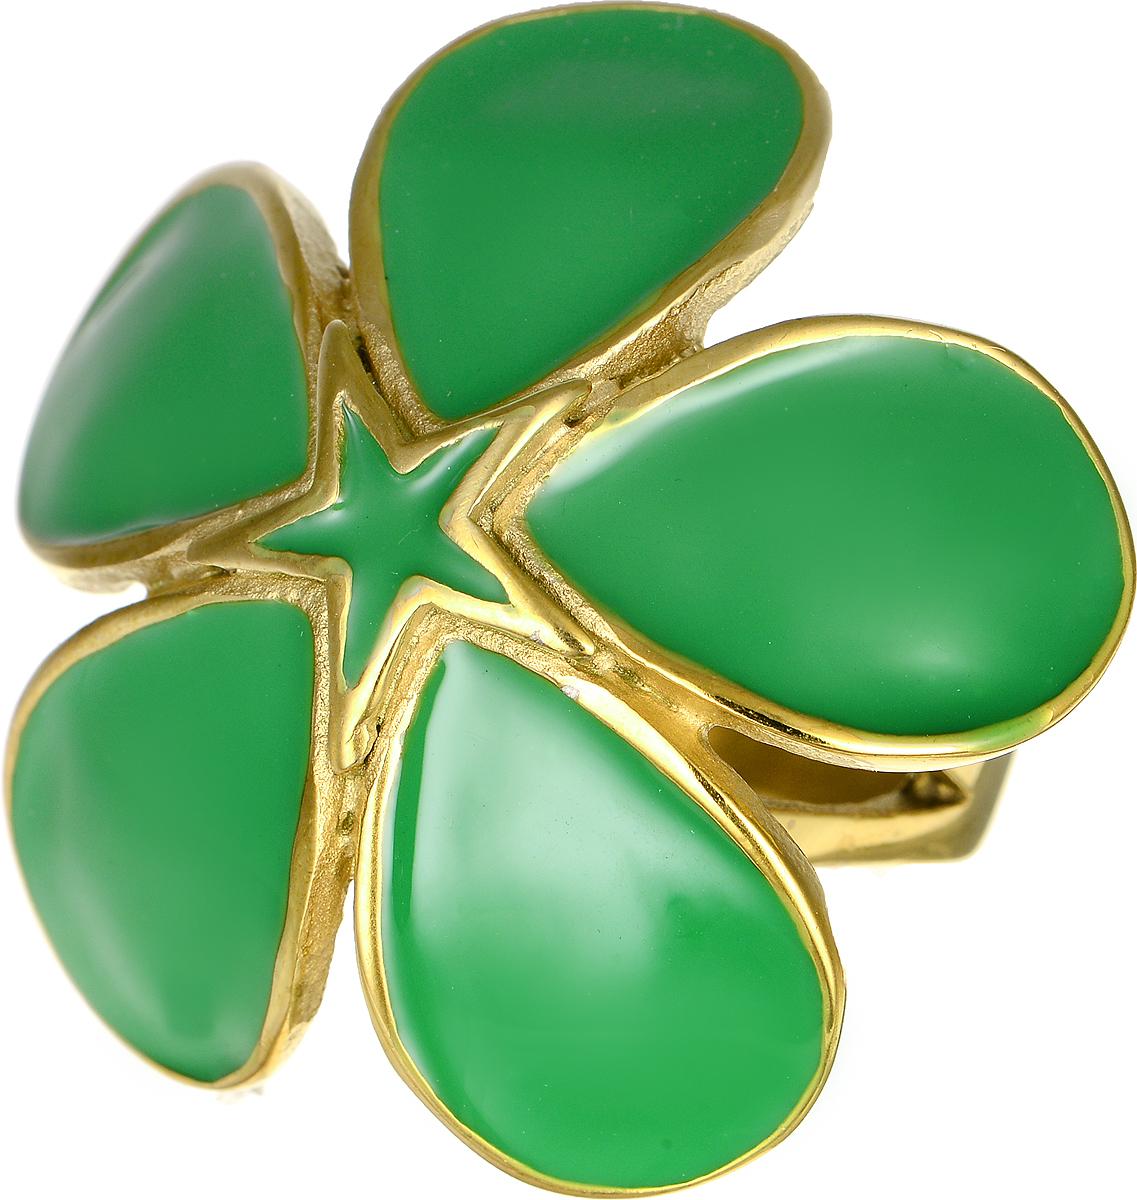 Кольцо Polina Selezneva, цвет: золотистый, зеленый. DG-0004. Размер 18DG-0004-08Стильное кольцо Polina Selezneva изготовлено из качественного металлического сплава. Декоративная часть выполнена в виде цветка с покрытием из эмали.